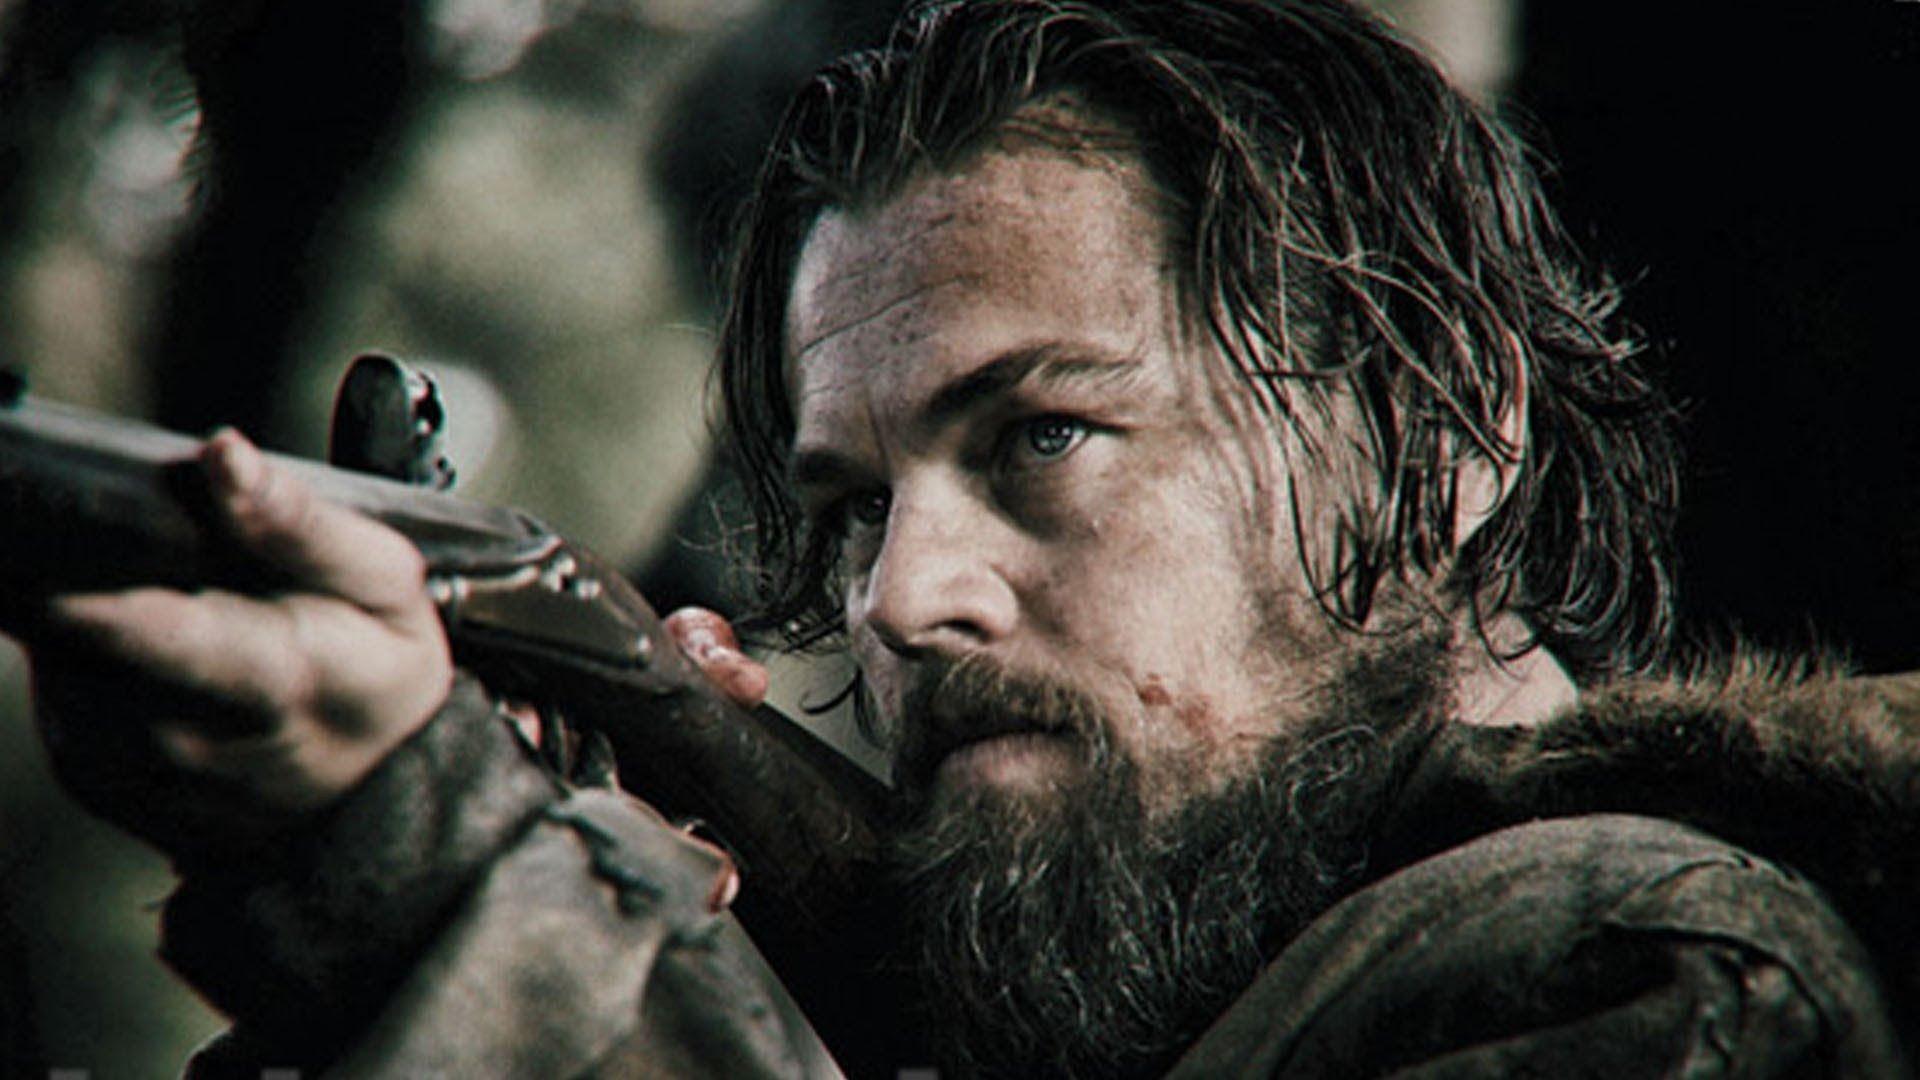 Leonardo DiCaprio : The Revenant photo maxresdefault.jpg